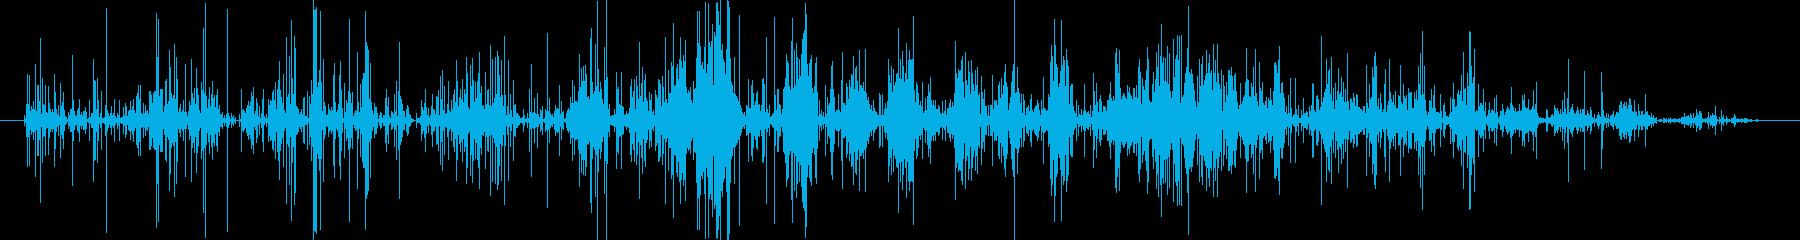 インスタントラーメン潰す音 バリバリの再生済みの波形